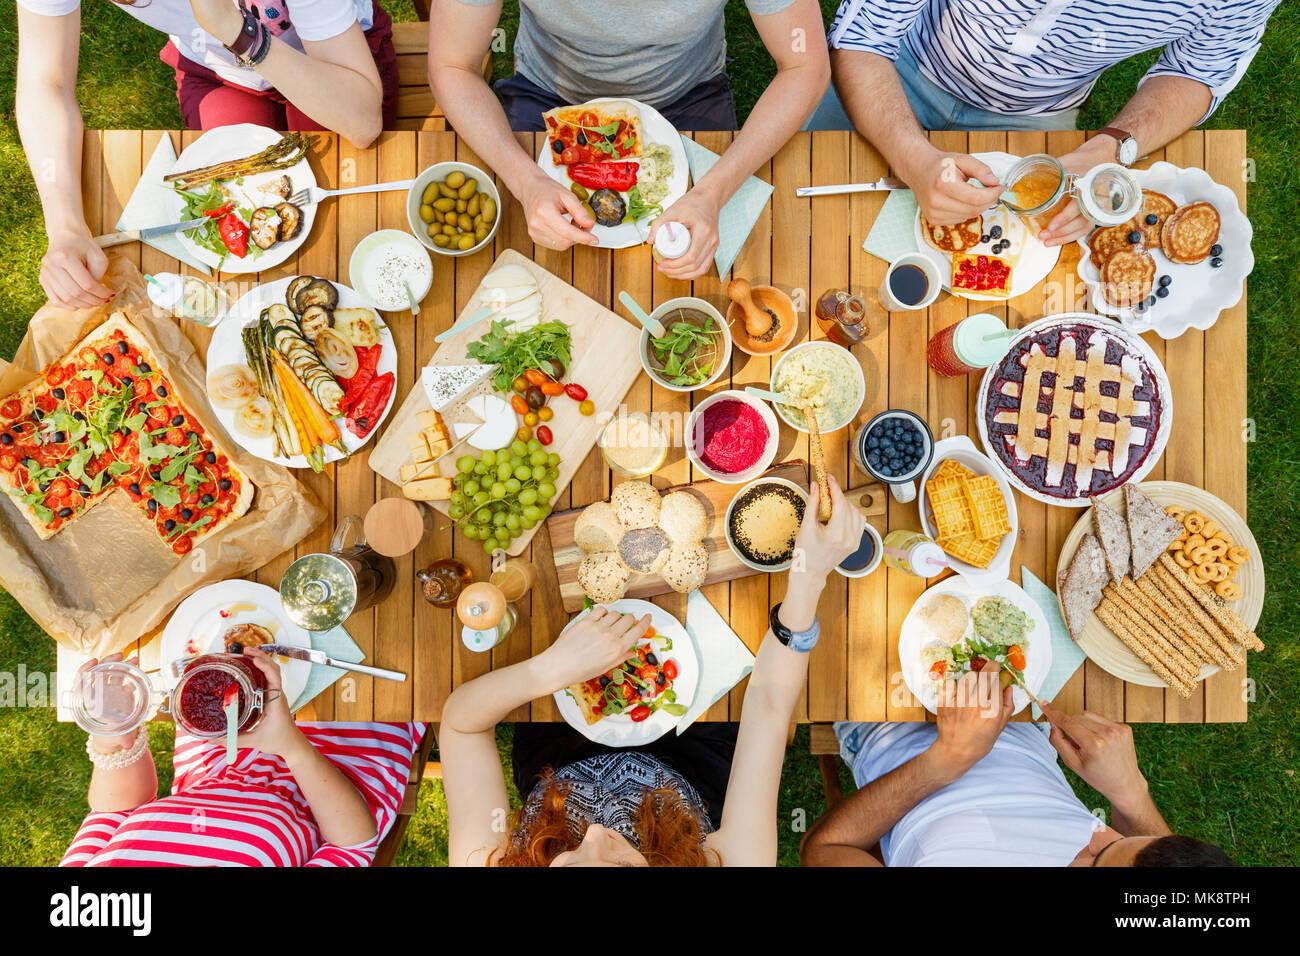 Freunde essen gesund essen wie vegane Pizza und Obst im Freien in den Park an einem rustikalen Tisch Stockbild